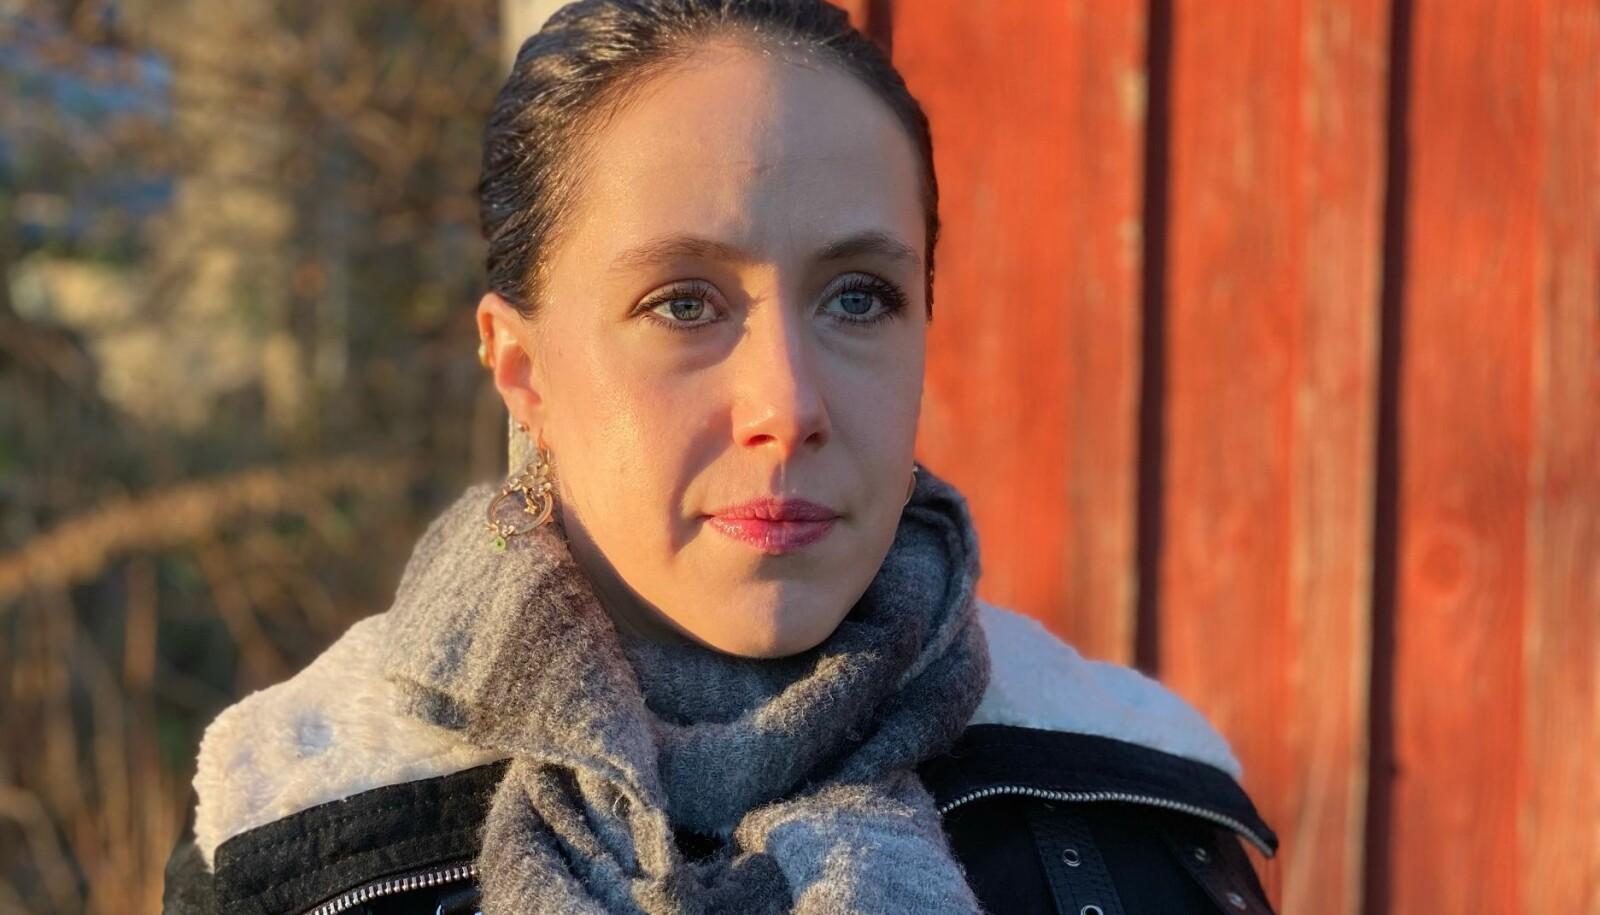 Tidligere forsker ved Lunds universitet, Linnéa Taylor, har valgt å kjempe. — Dette skal aldri få skje igjen, sier hun til Khrono.